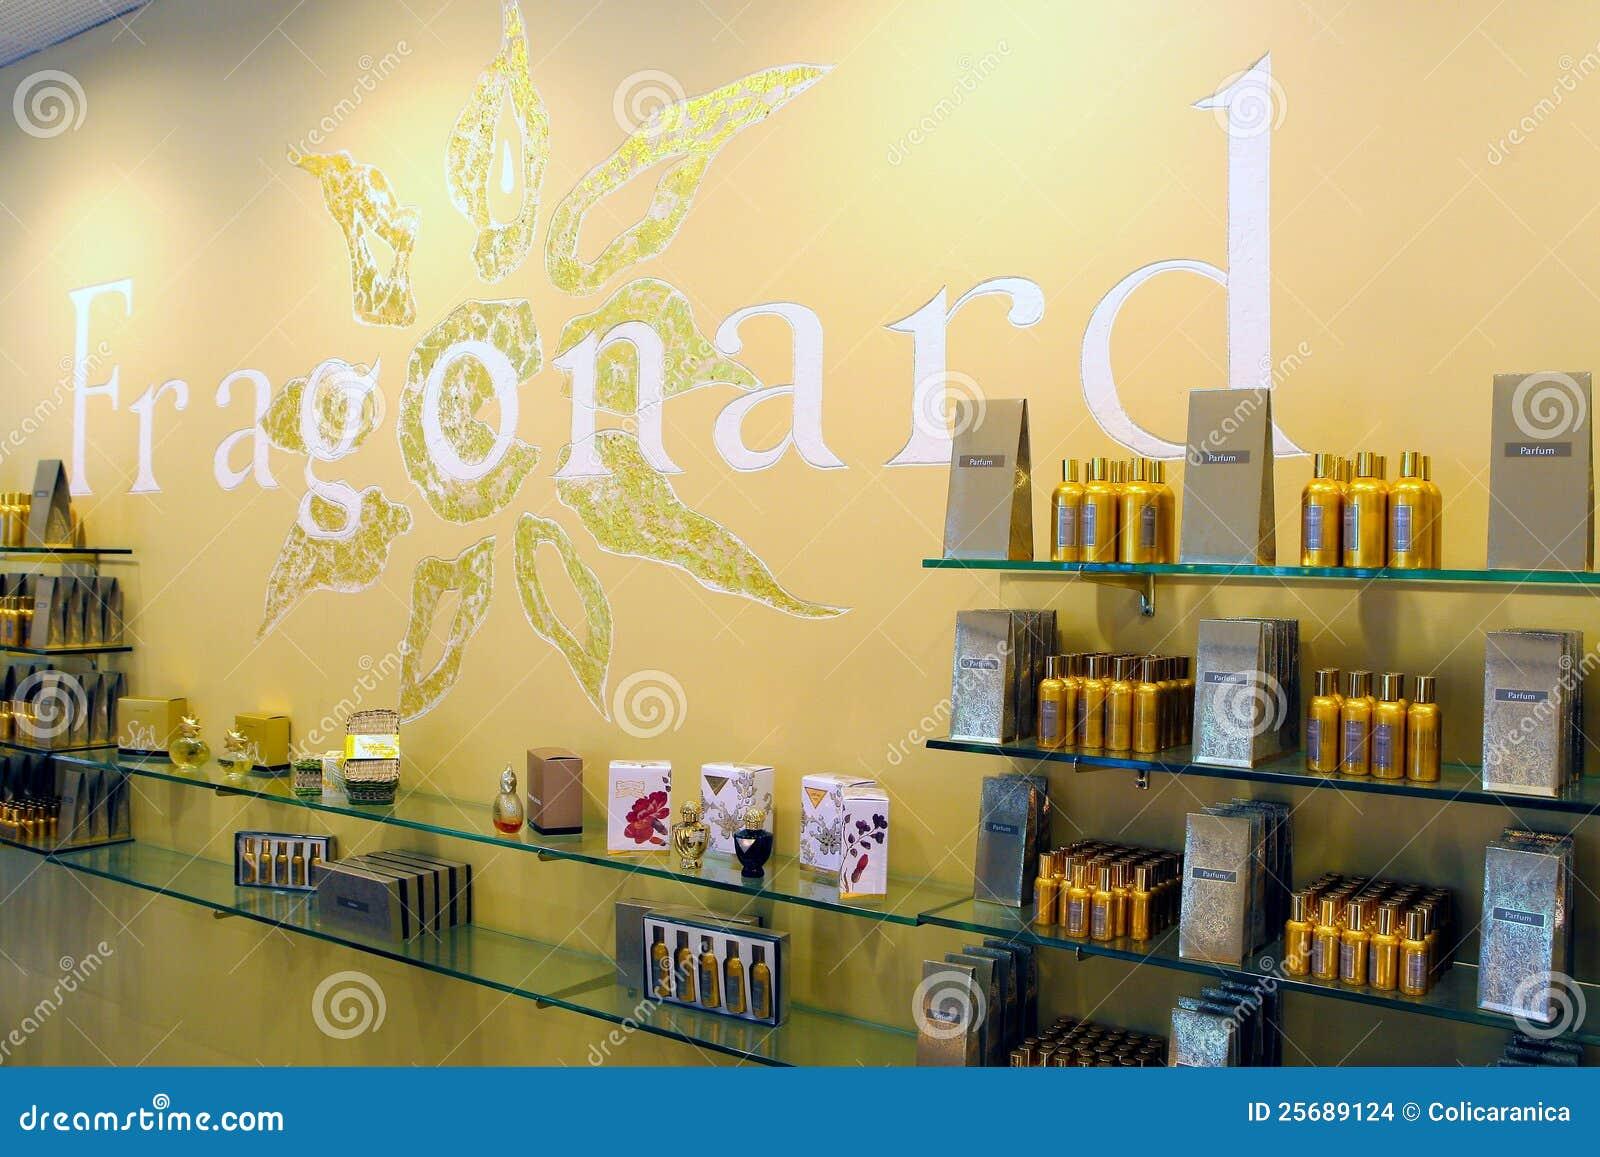 parfumerie fragonard editorial stock image image of. Black Bedroom Furniture Sets. Home Design Ideas